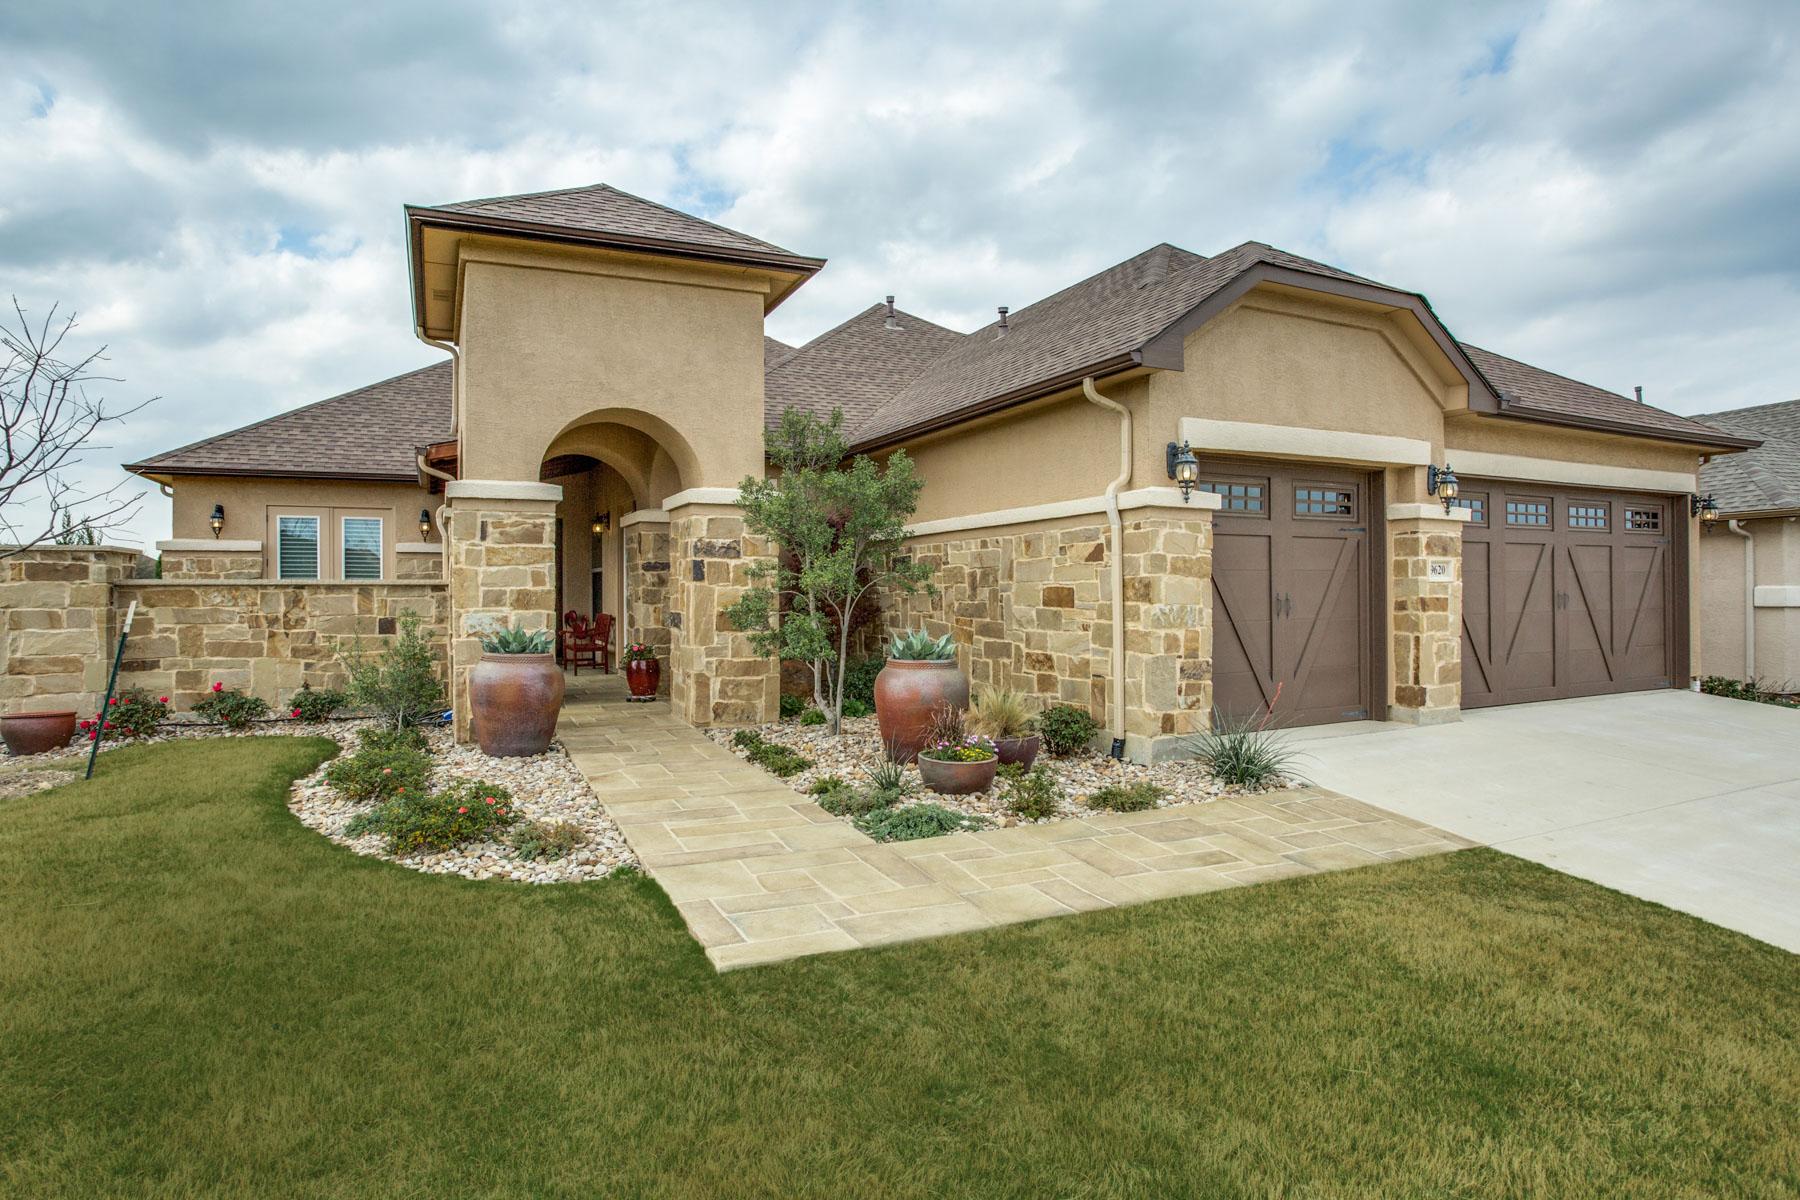 Casa Unifamiliar por un Venta en 9620 Orangewood Trail, Denton 9620 Orangewood Trl Denton, Texas 76207 Estados Unidos